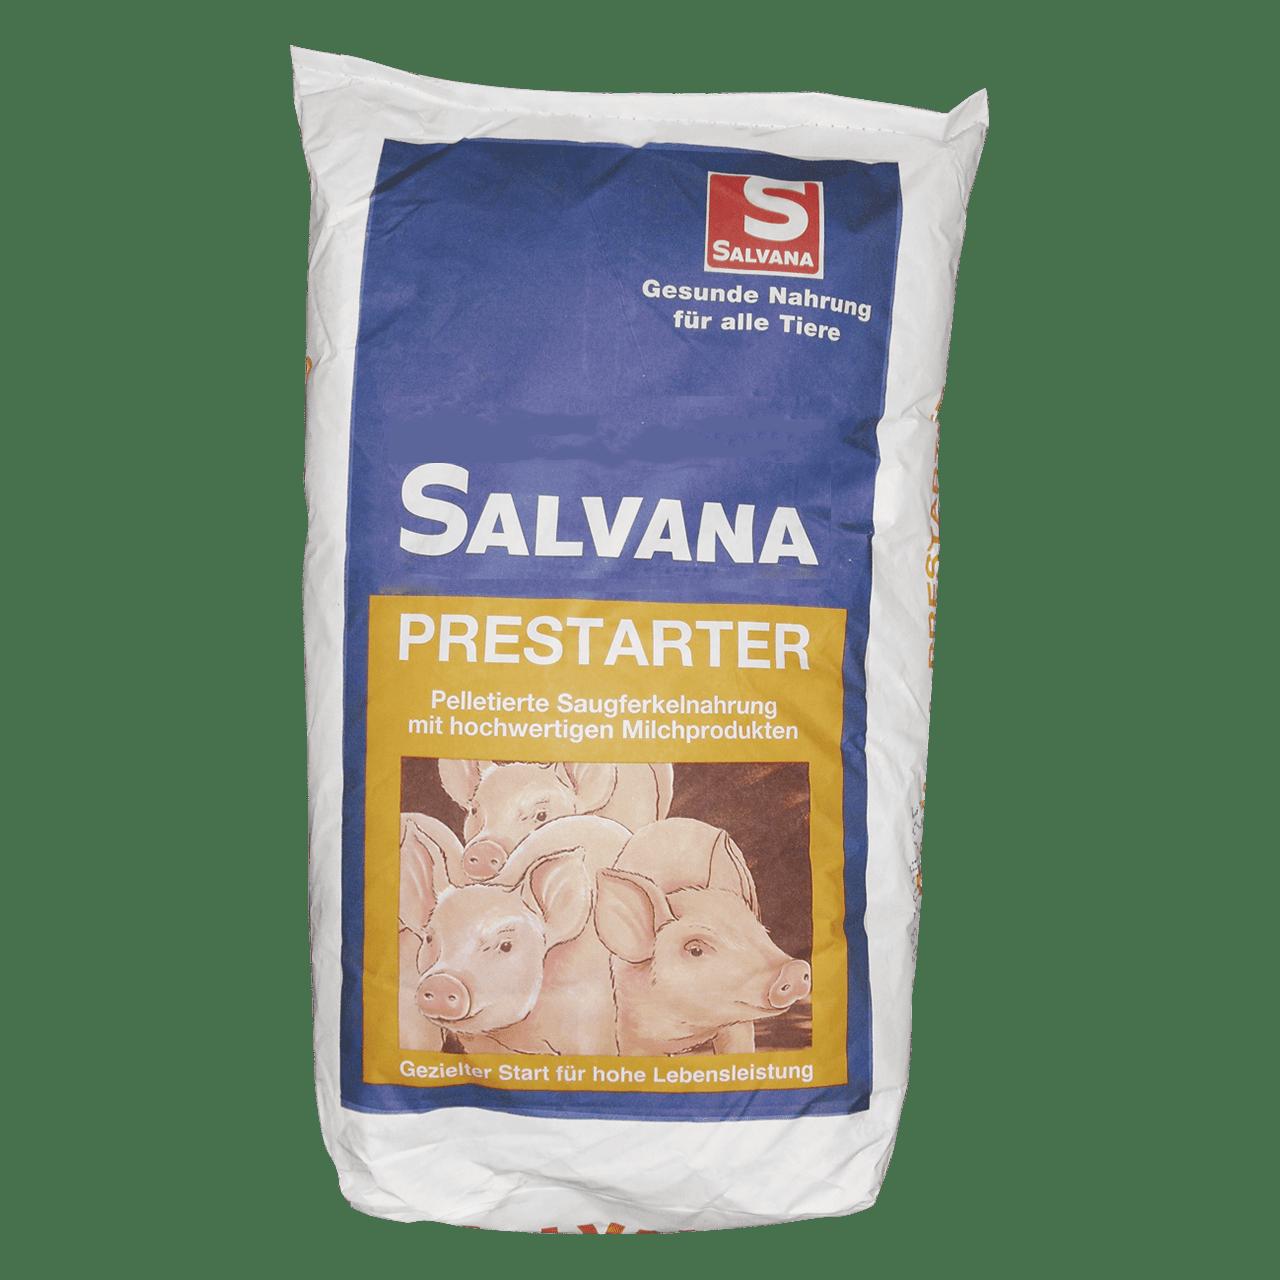 SALVANA PRESTARTER